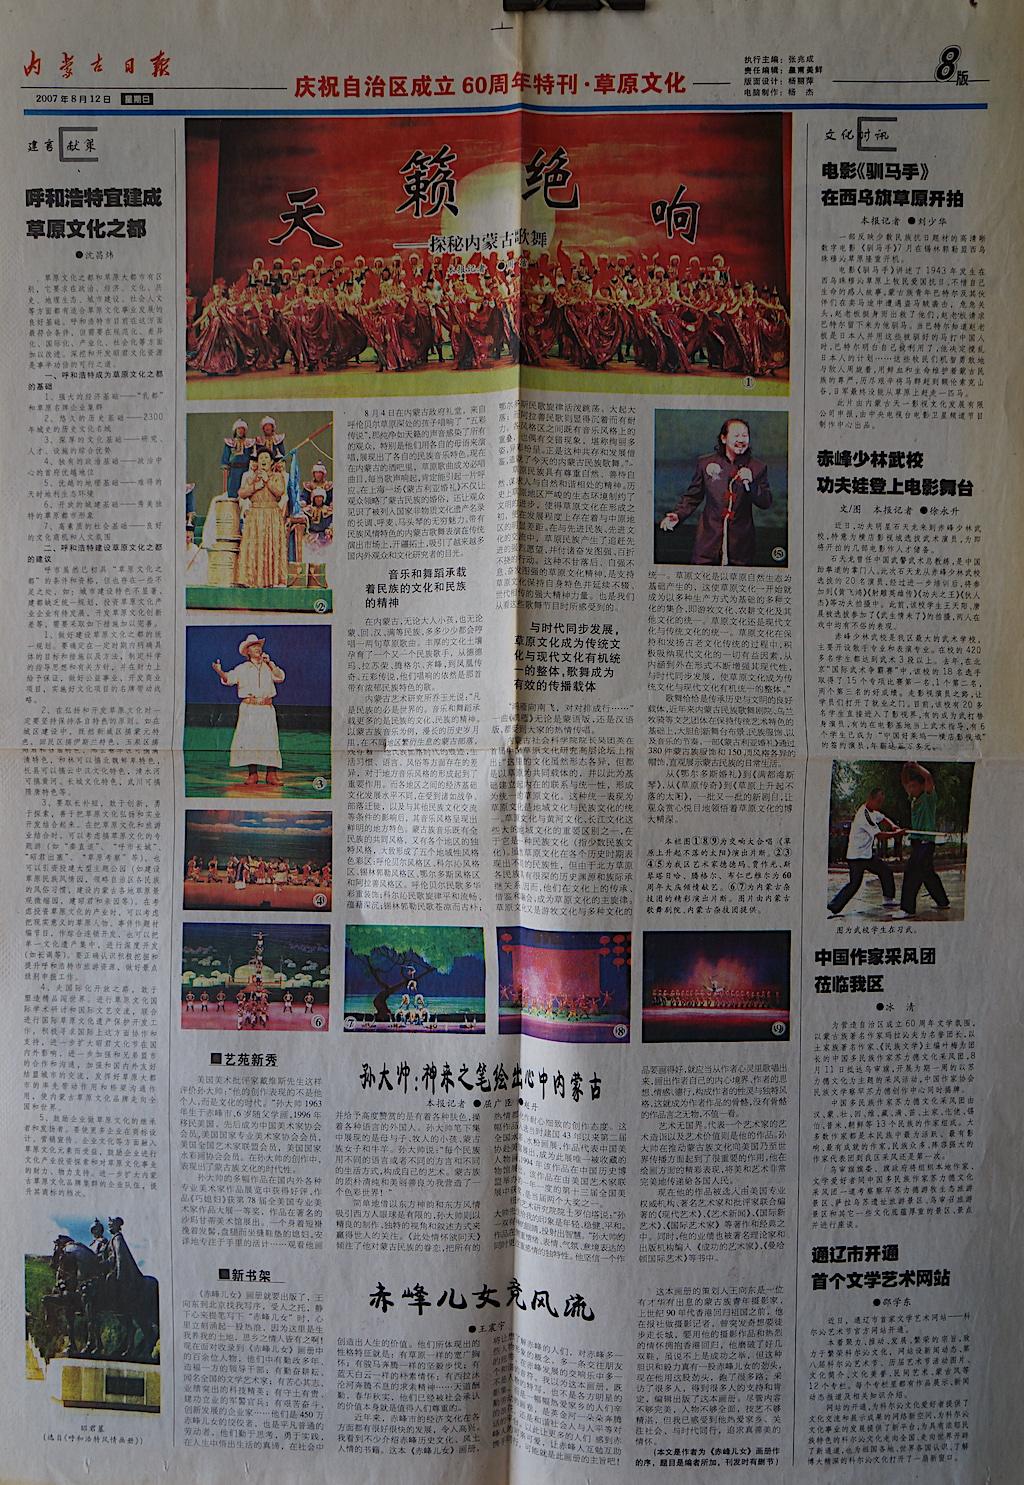 内蒙古日报20070812